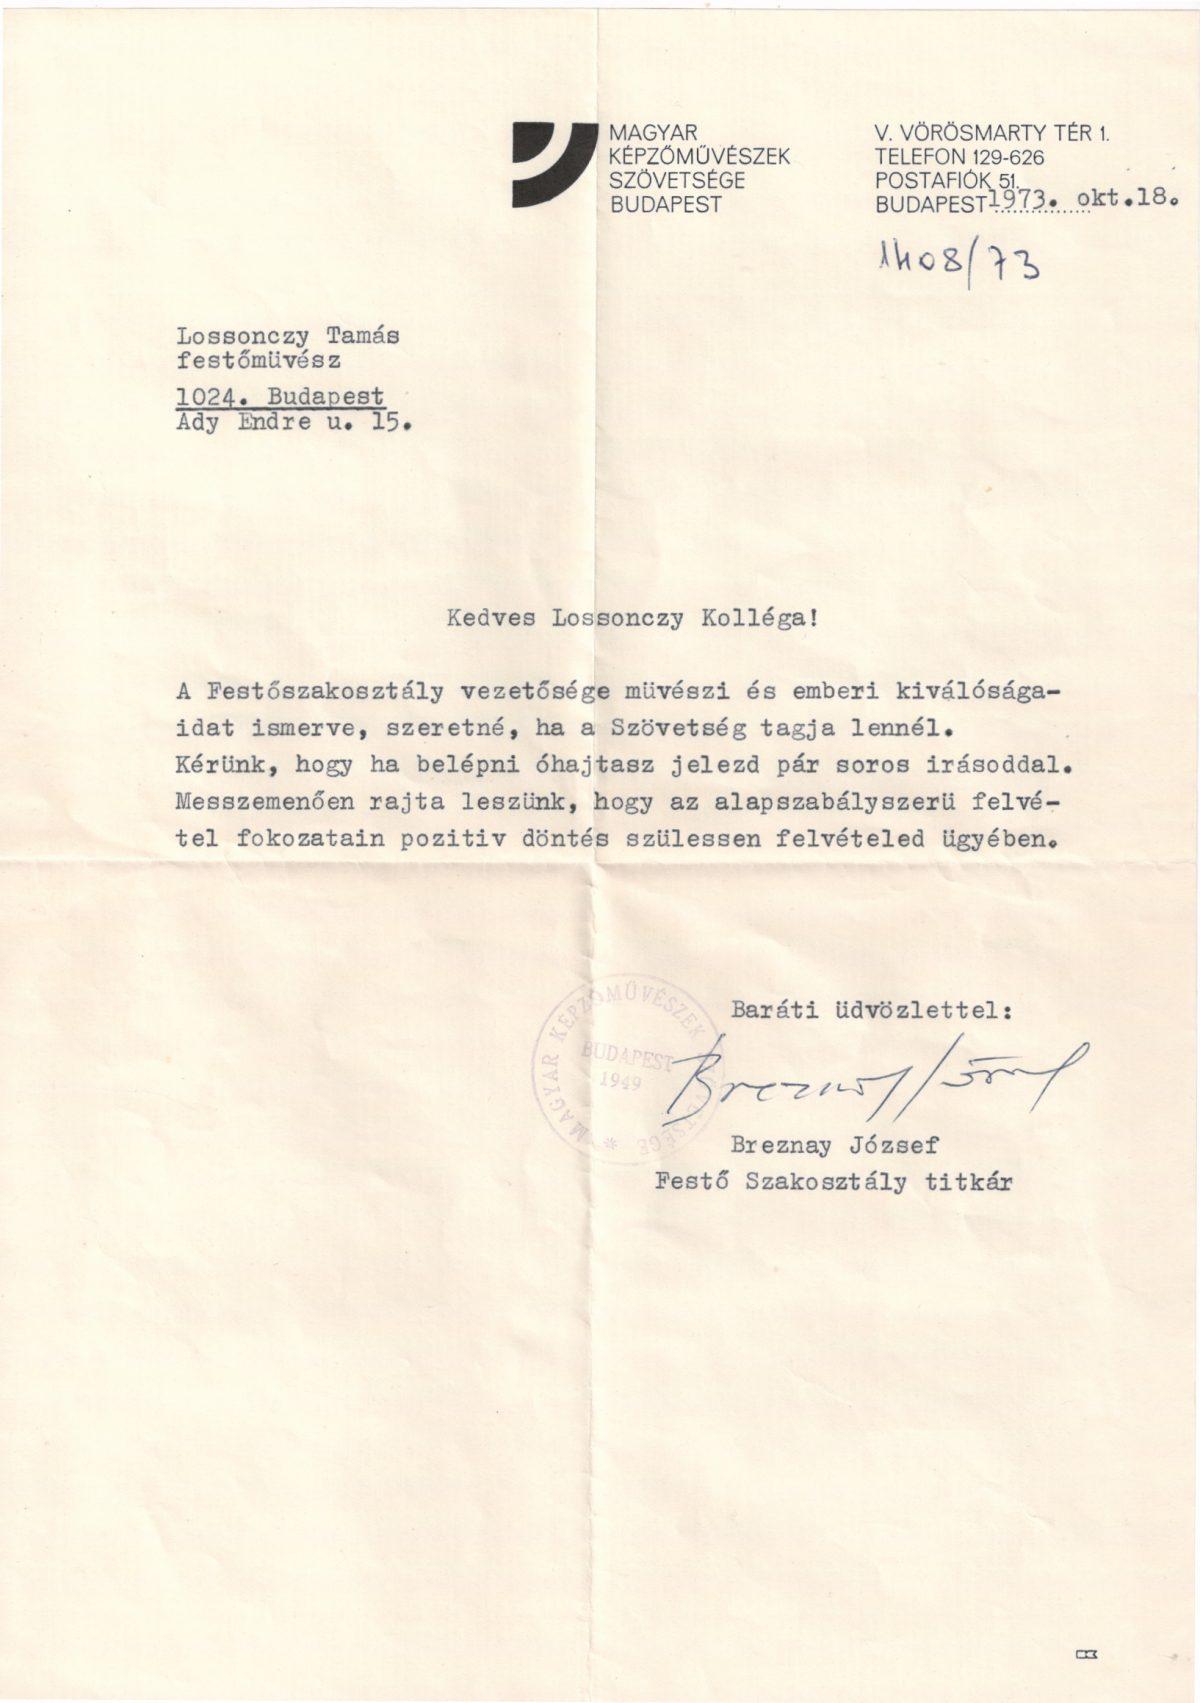 1973-10-18 Magyar Képzőművészek Szövetsége